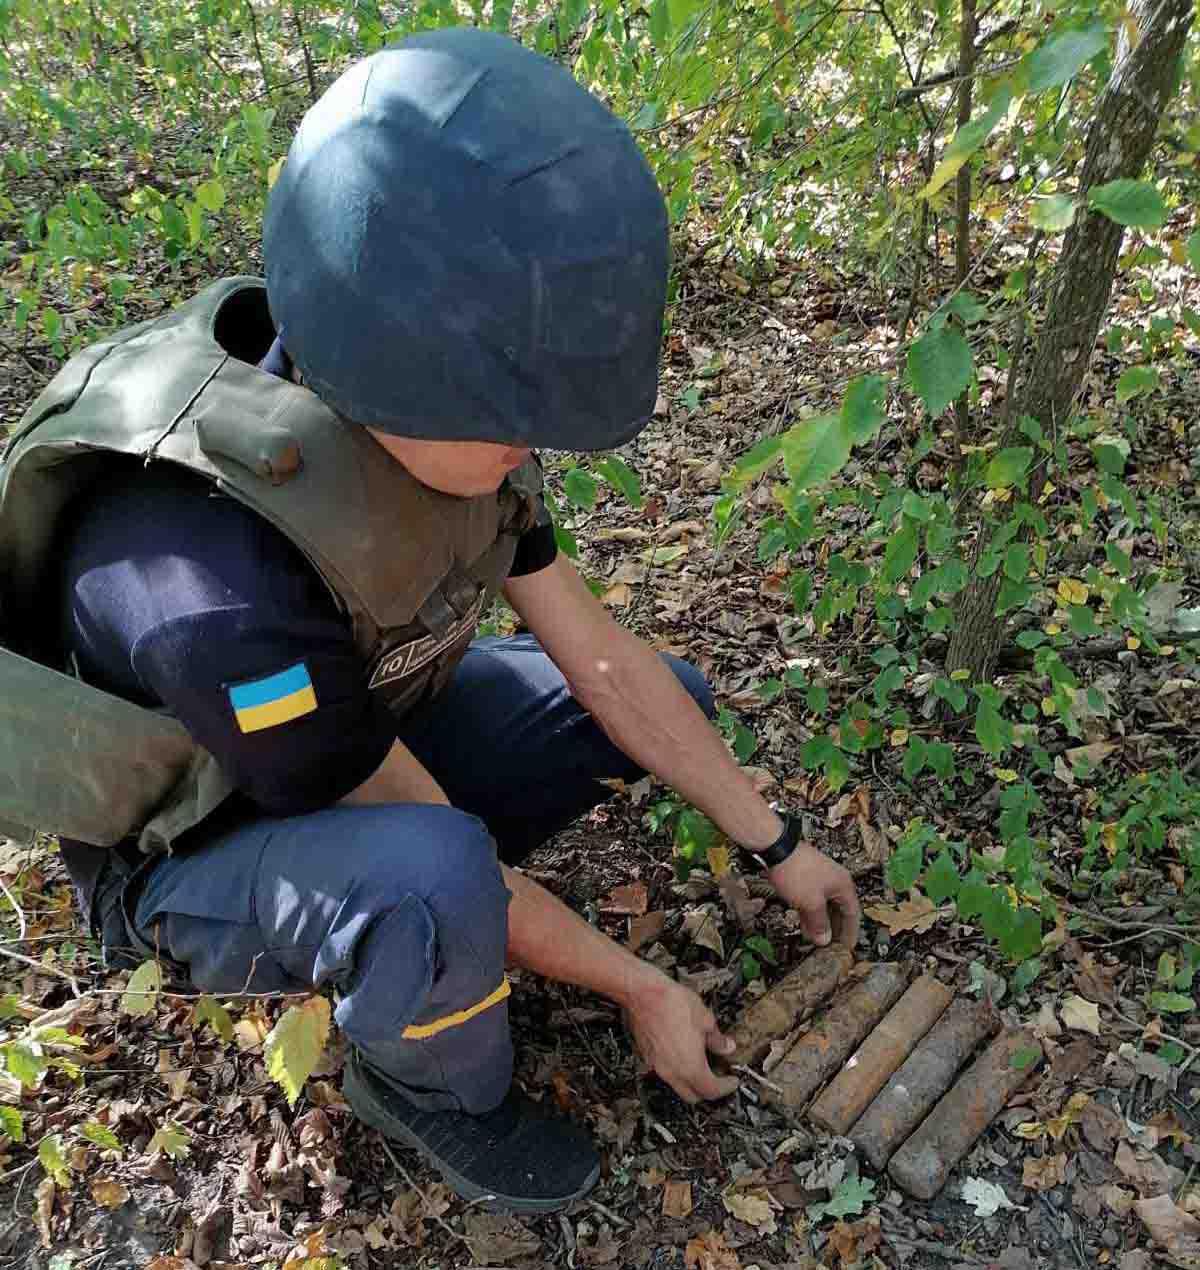 """""""Вибухова"""" знахідка на Білоцерківщині - мінометна міна, ДСНС Київщини, артилерійські снаряди - IMG 6af8e9268627ac4da7a79912cc8f295c V"""